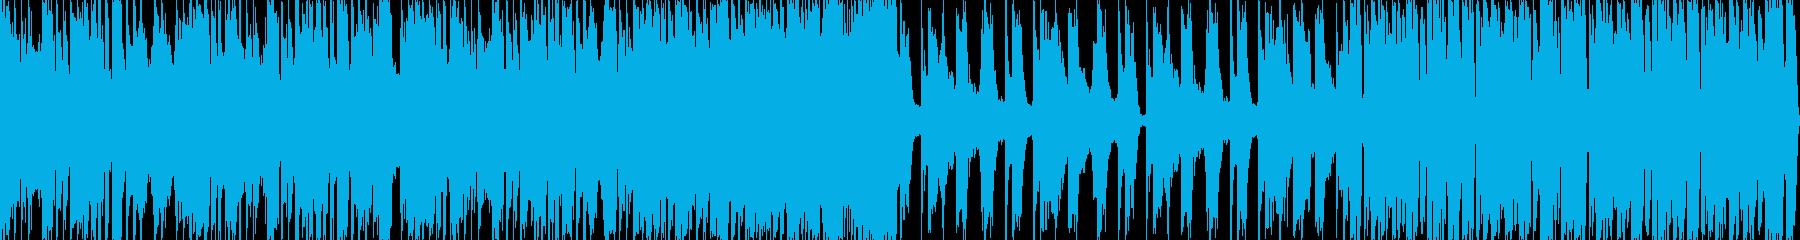 重低音エレクトロダンスミュージックの再生済みの波形